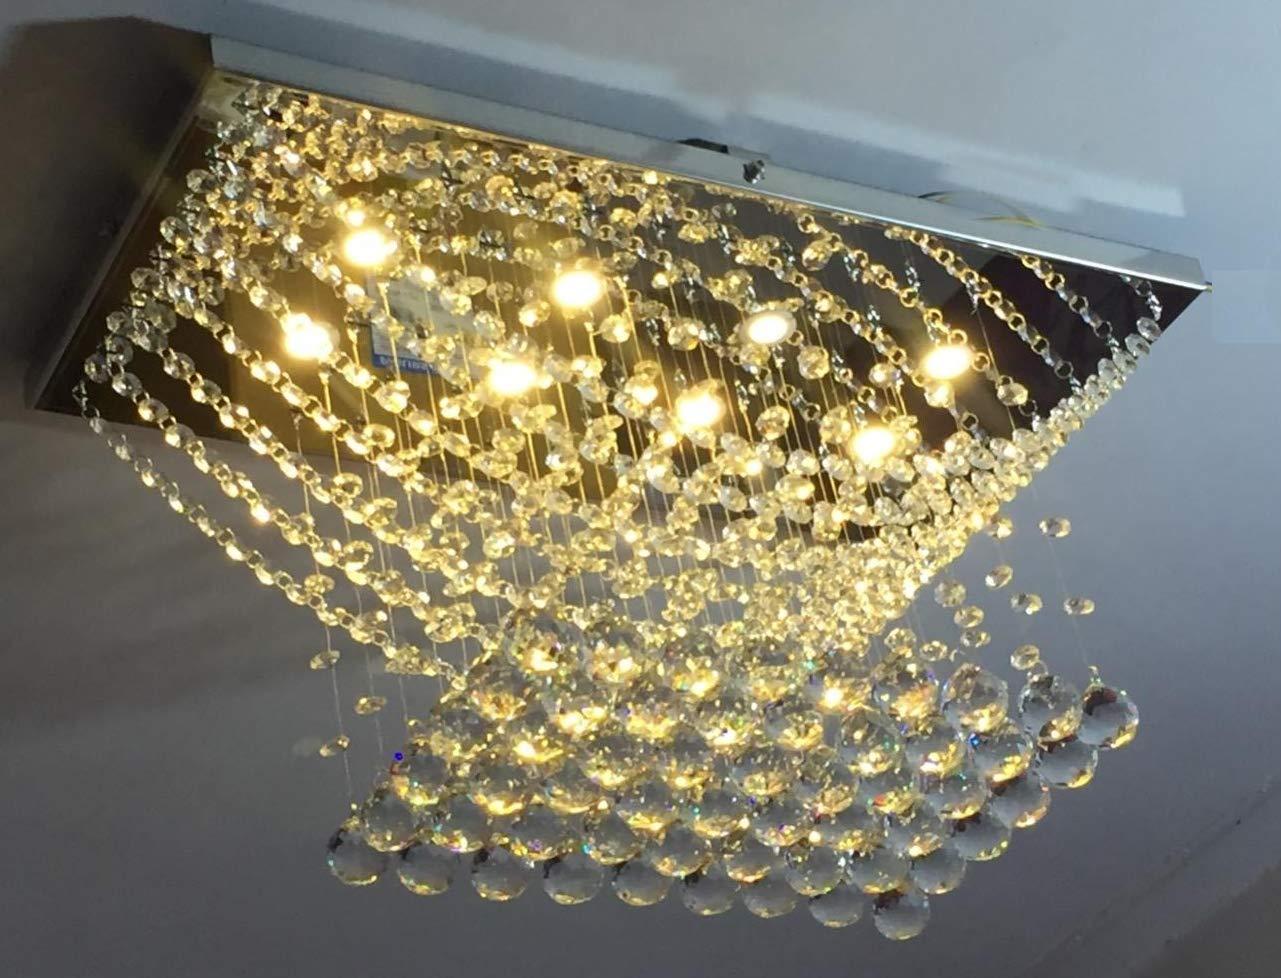 Chandeliers hanging lights